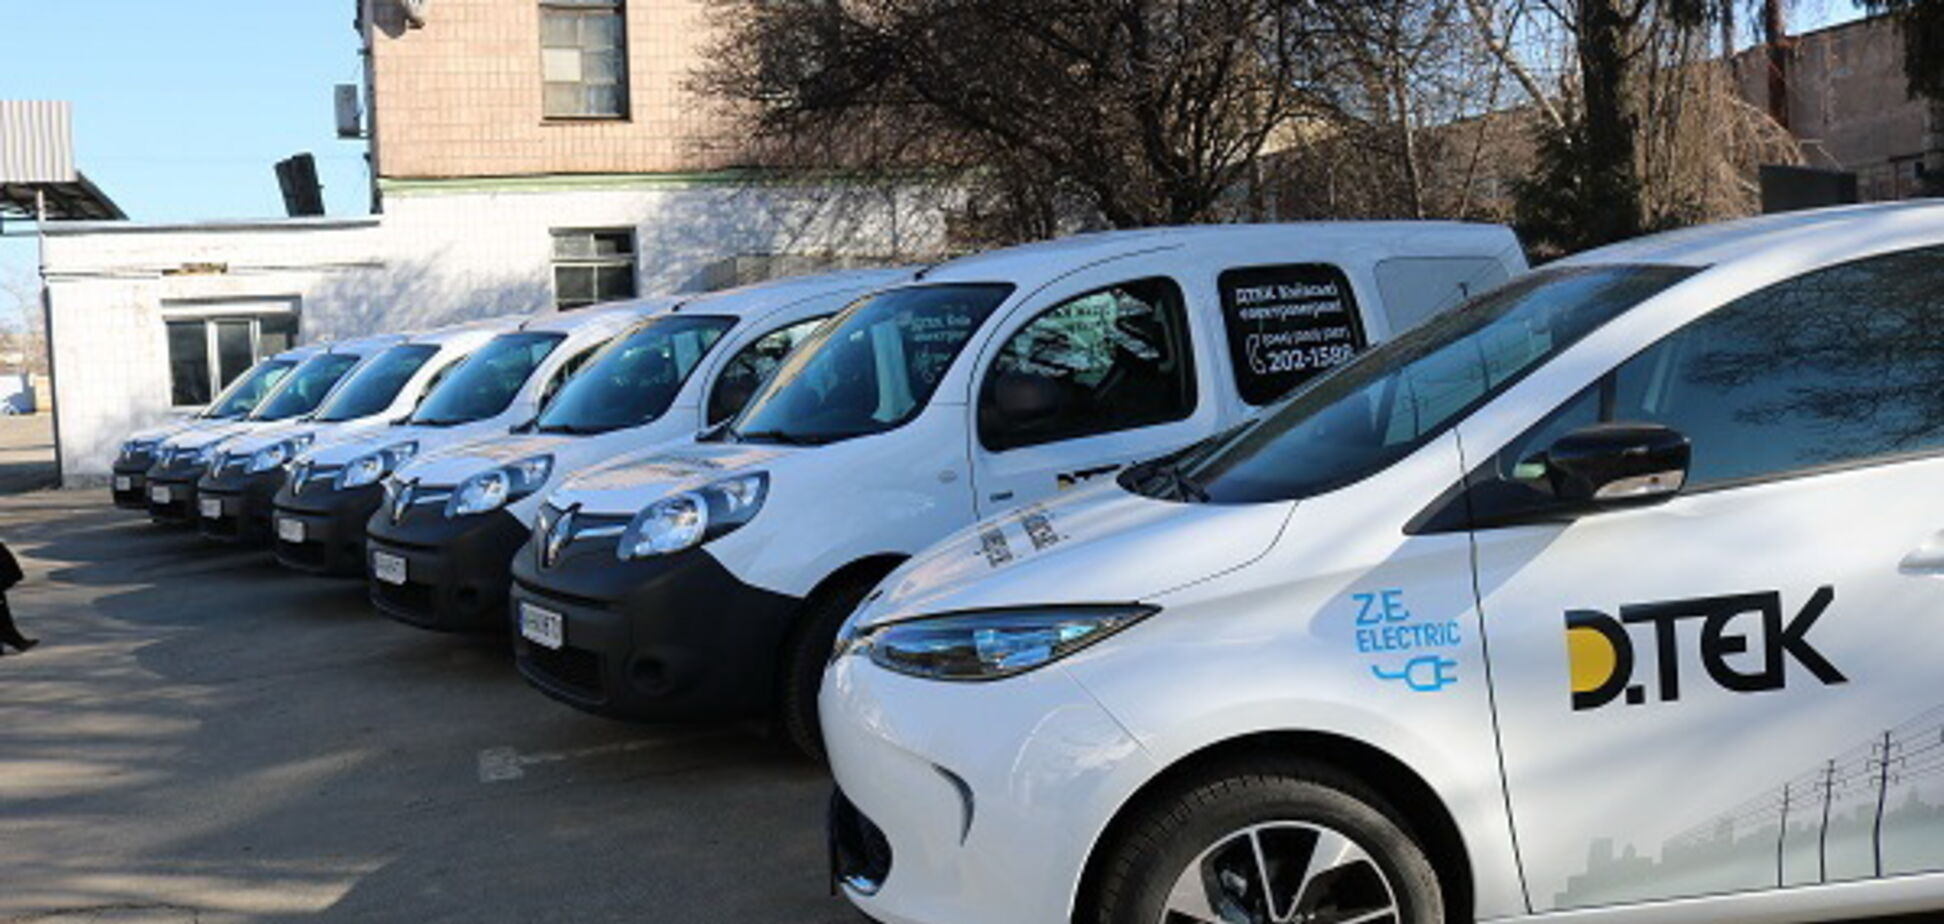 Електропослуги киянам будуть надавати на екологічних електромобілях